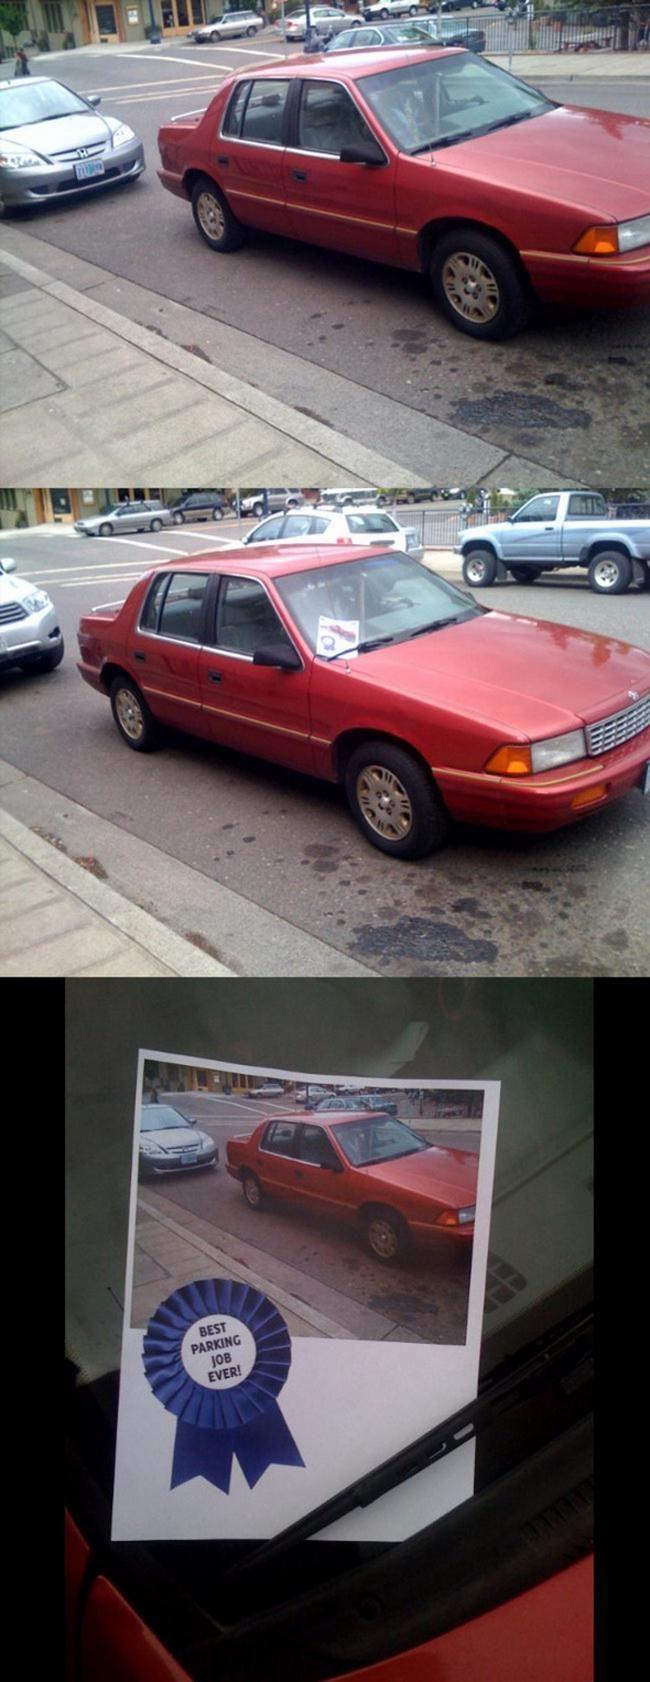 estacionaste en el lugar equivocado (18)